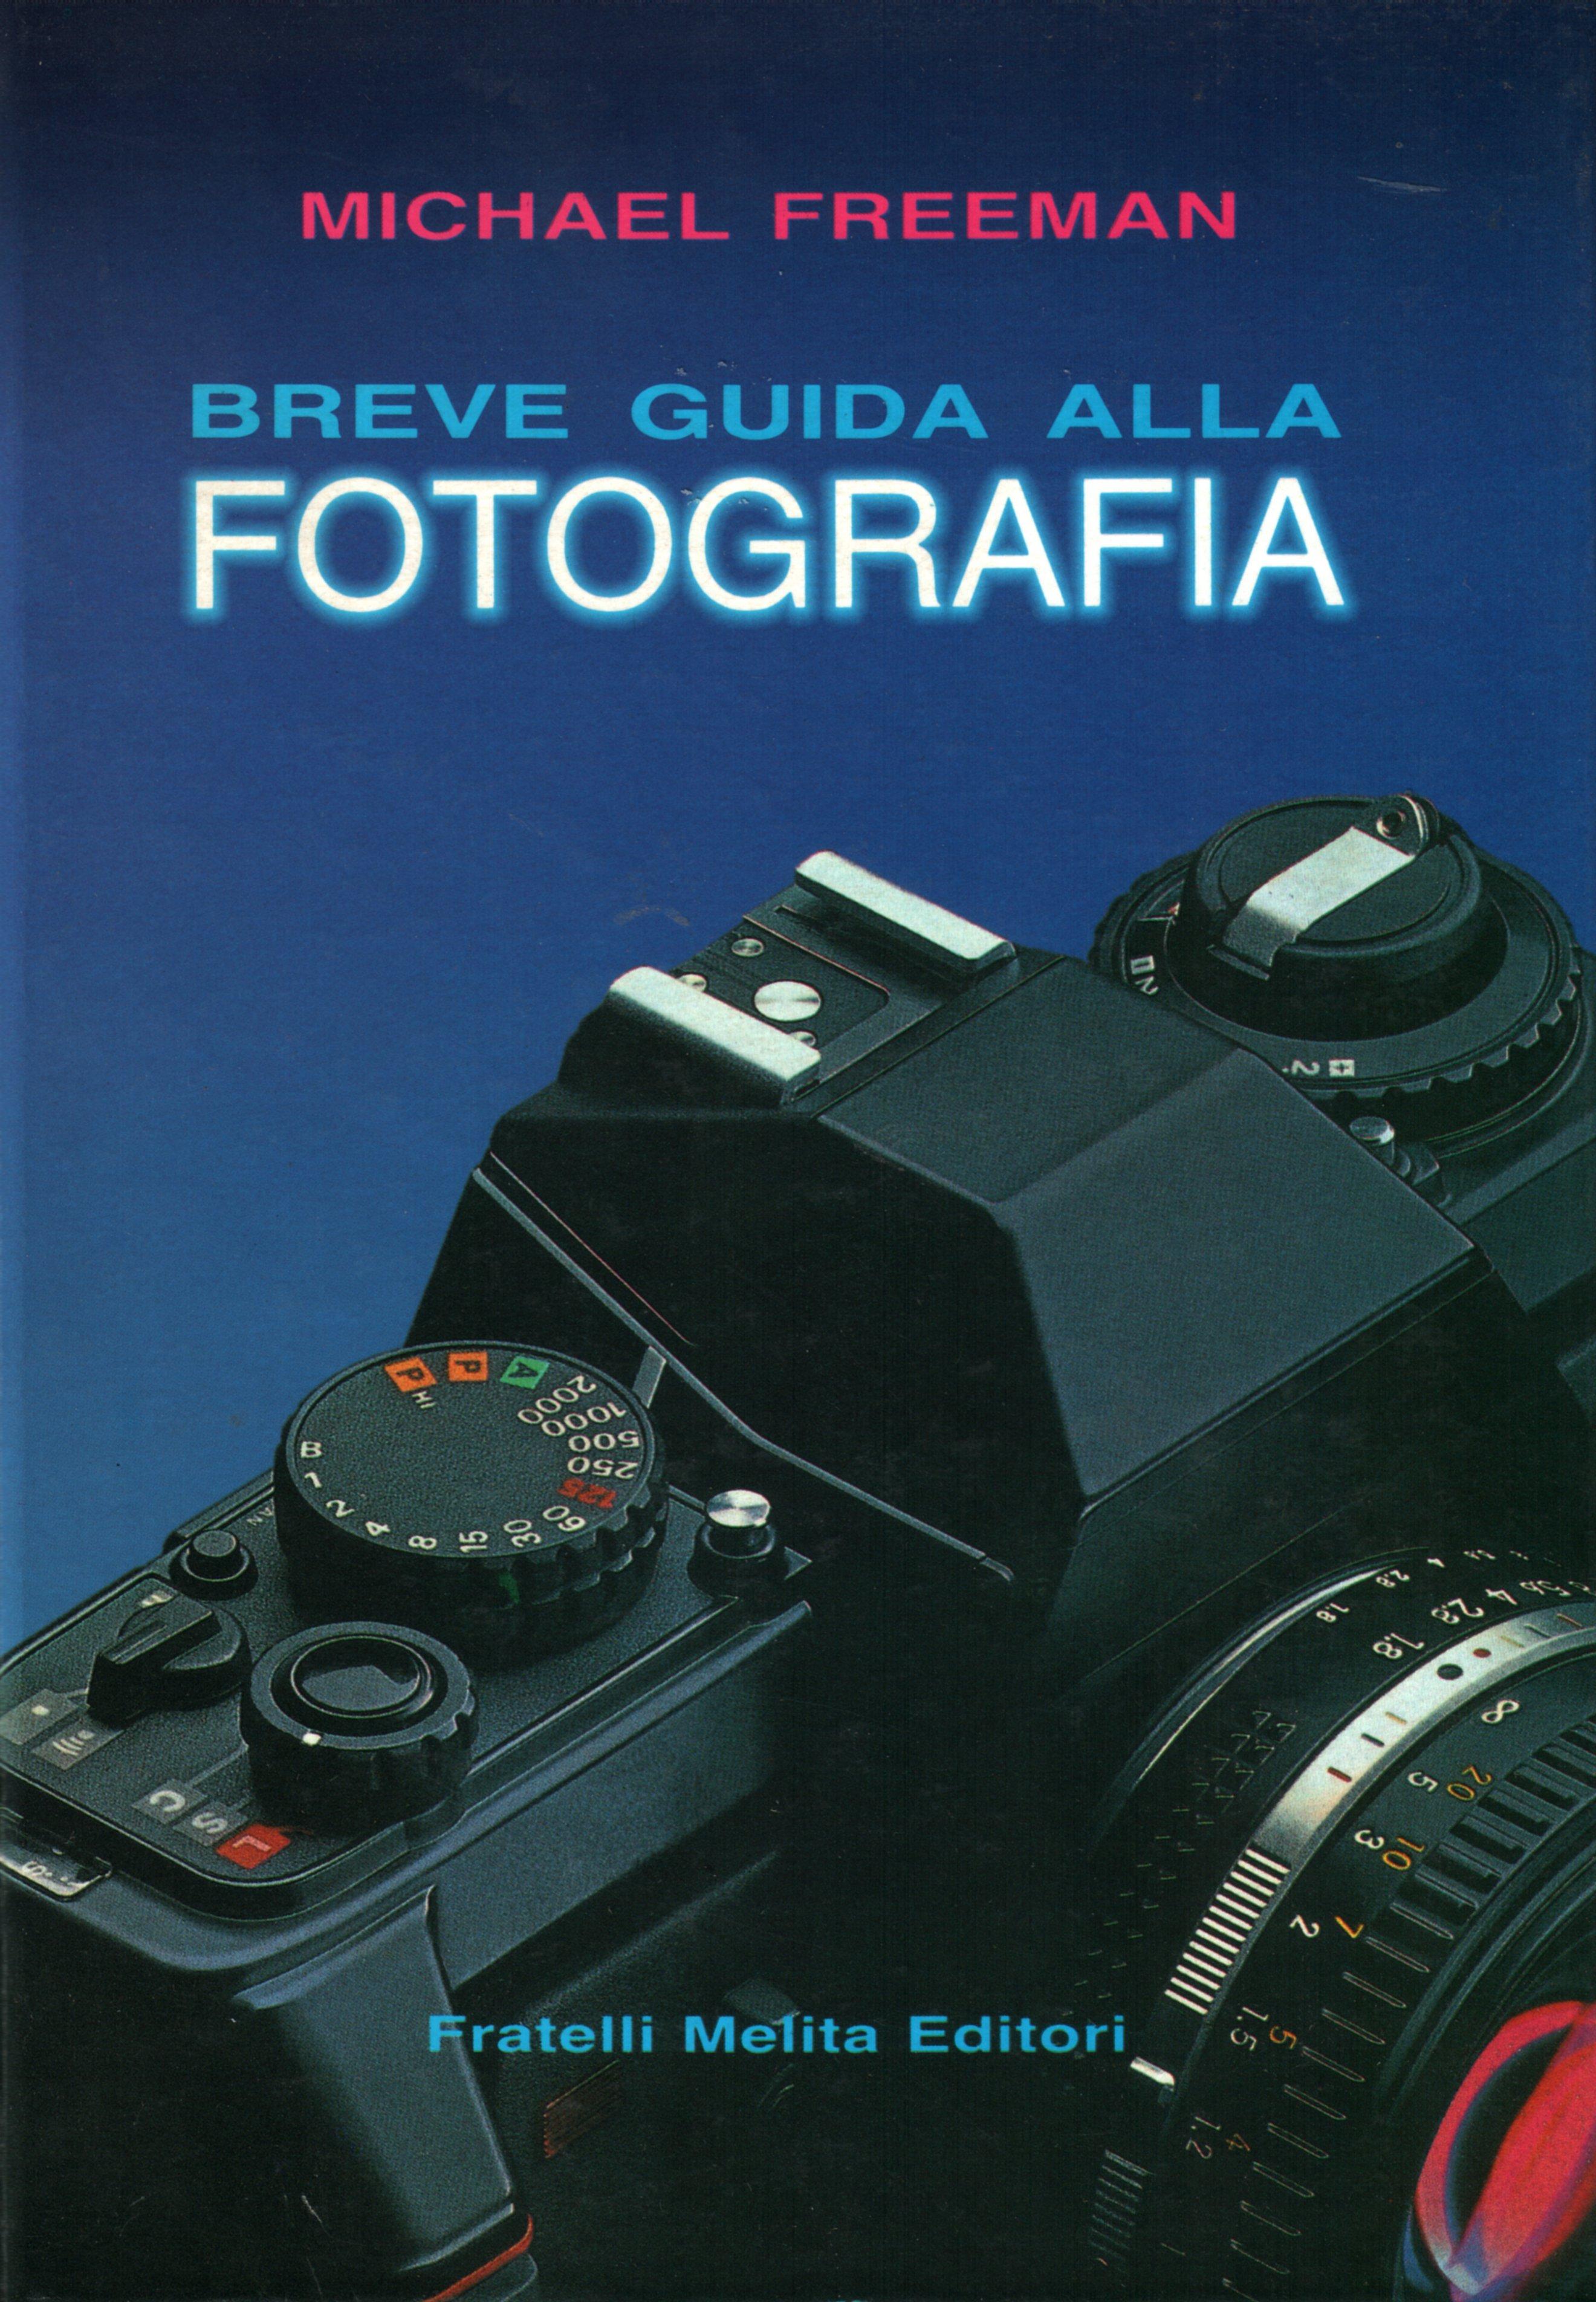 Breve guida alla fotografia